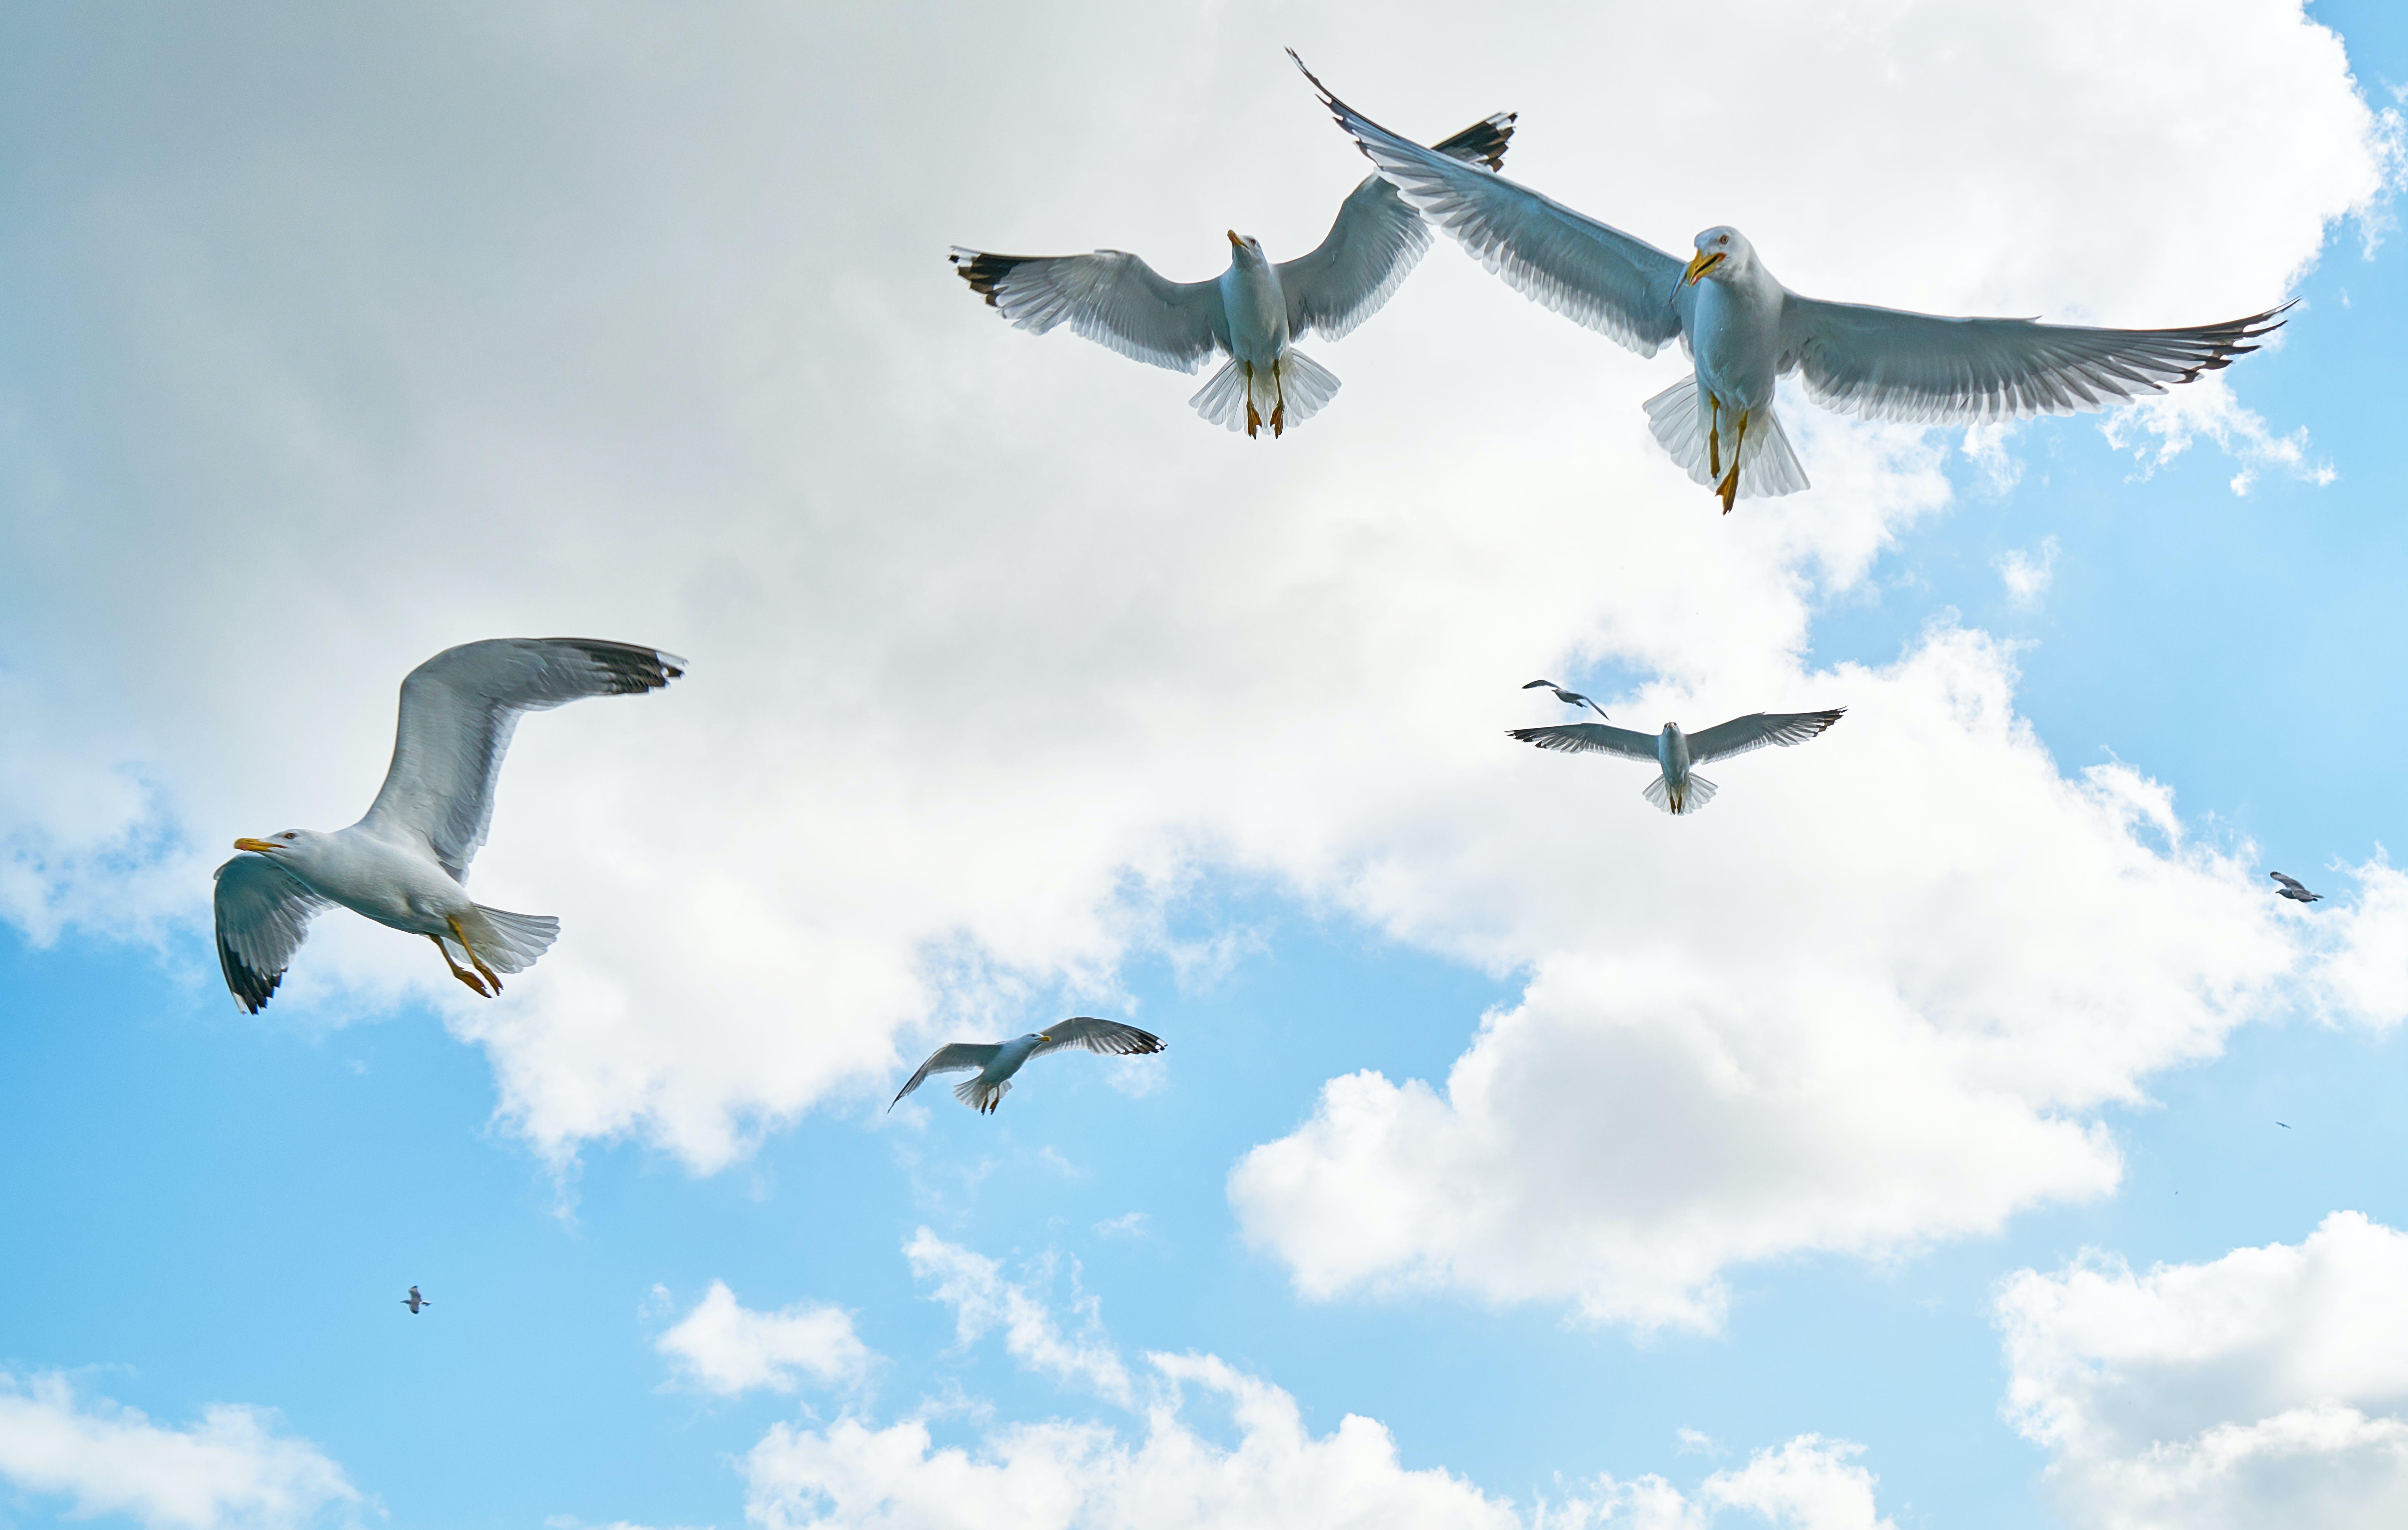 きらきら, カモメ, 急上昇, 羽毛の無料の写真素材